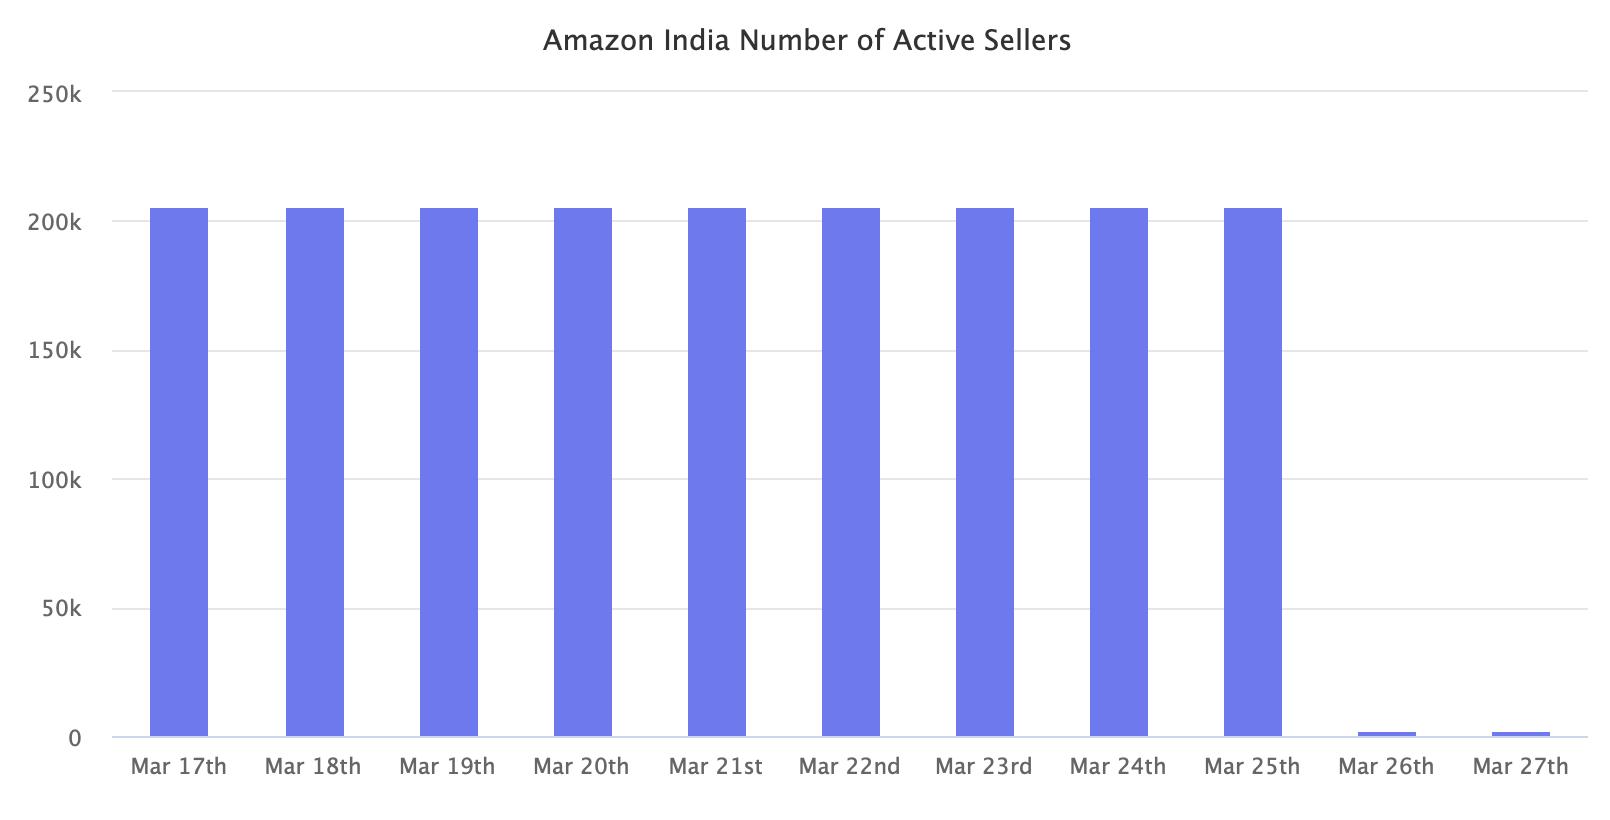 亚马逊印度活跃卖家数量